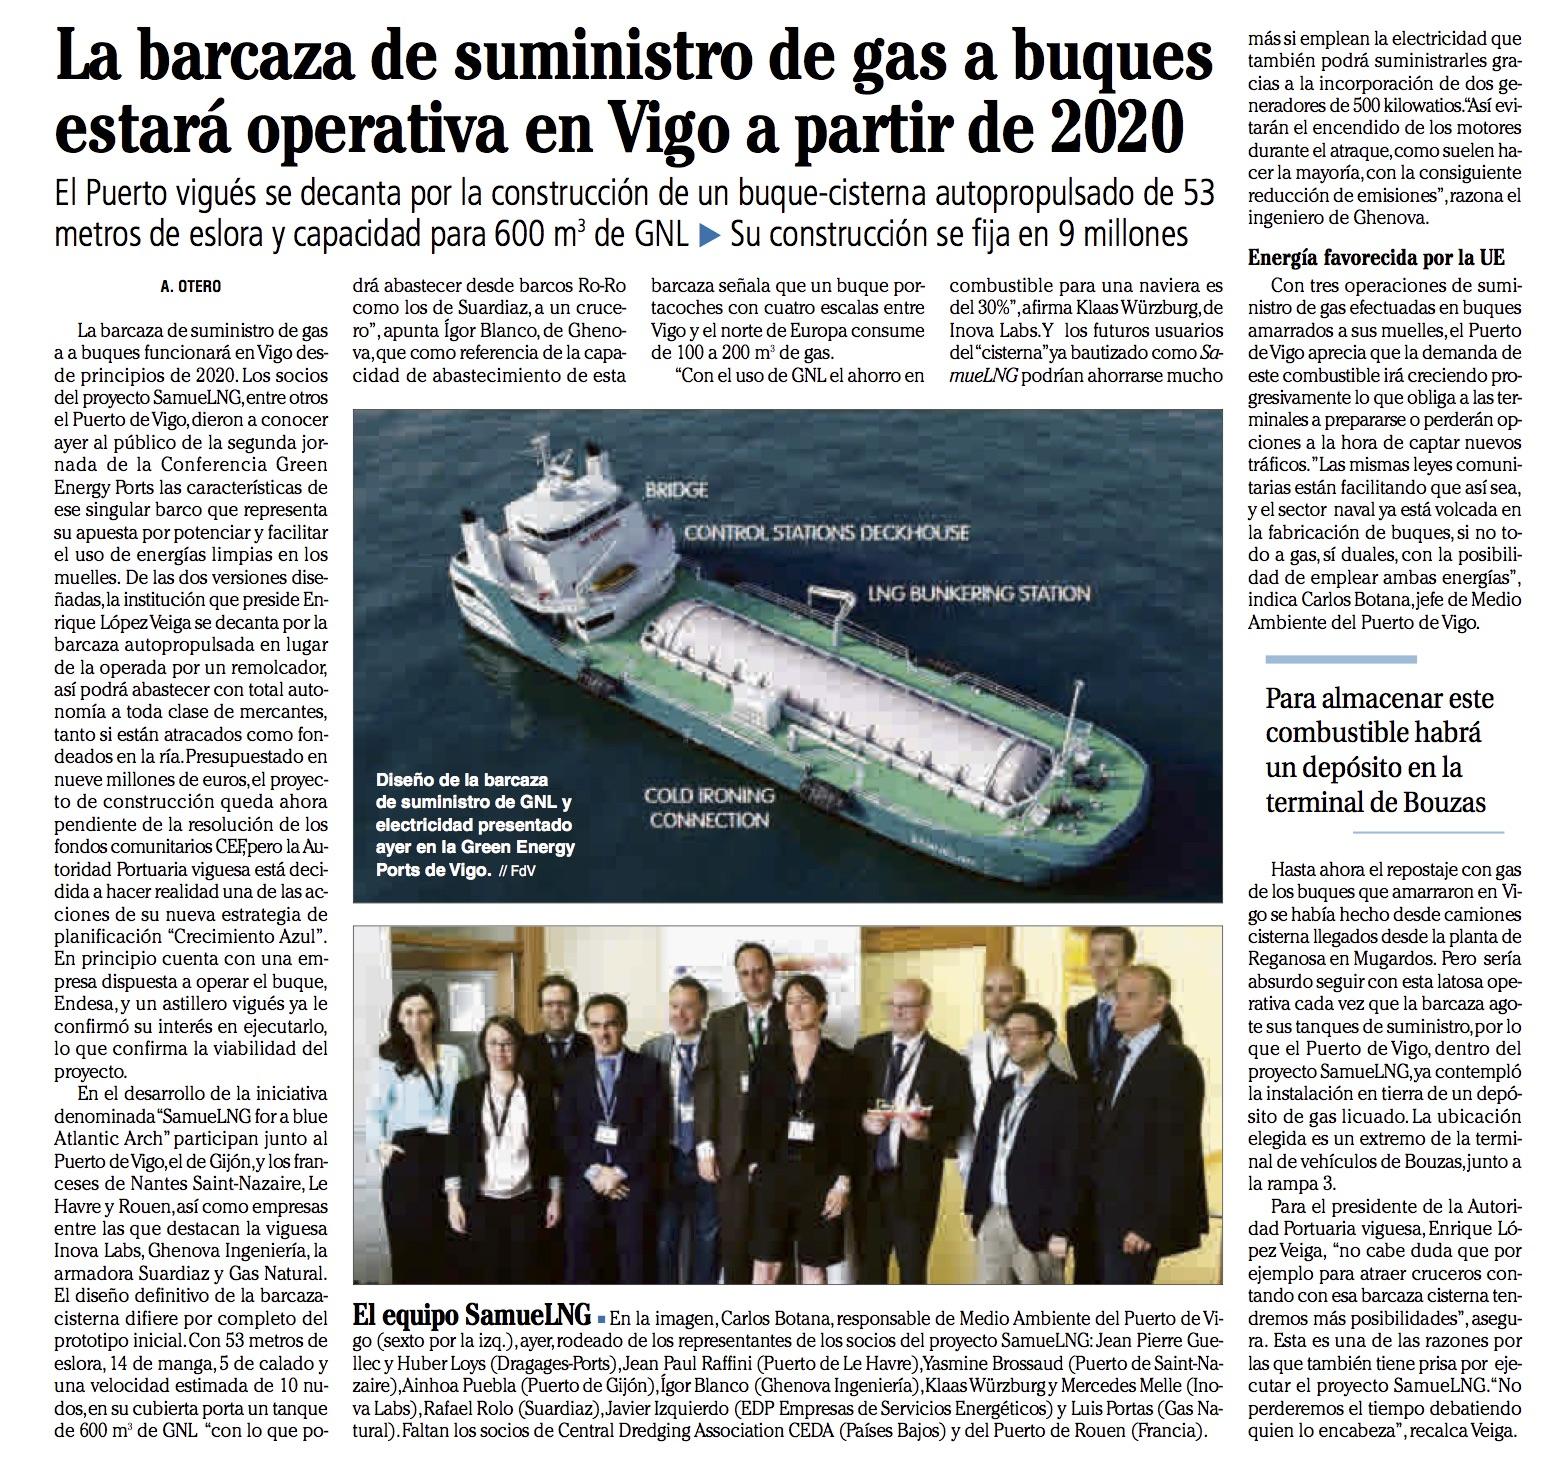 Inova labs GNL Faro de Vigo